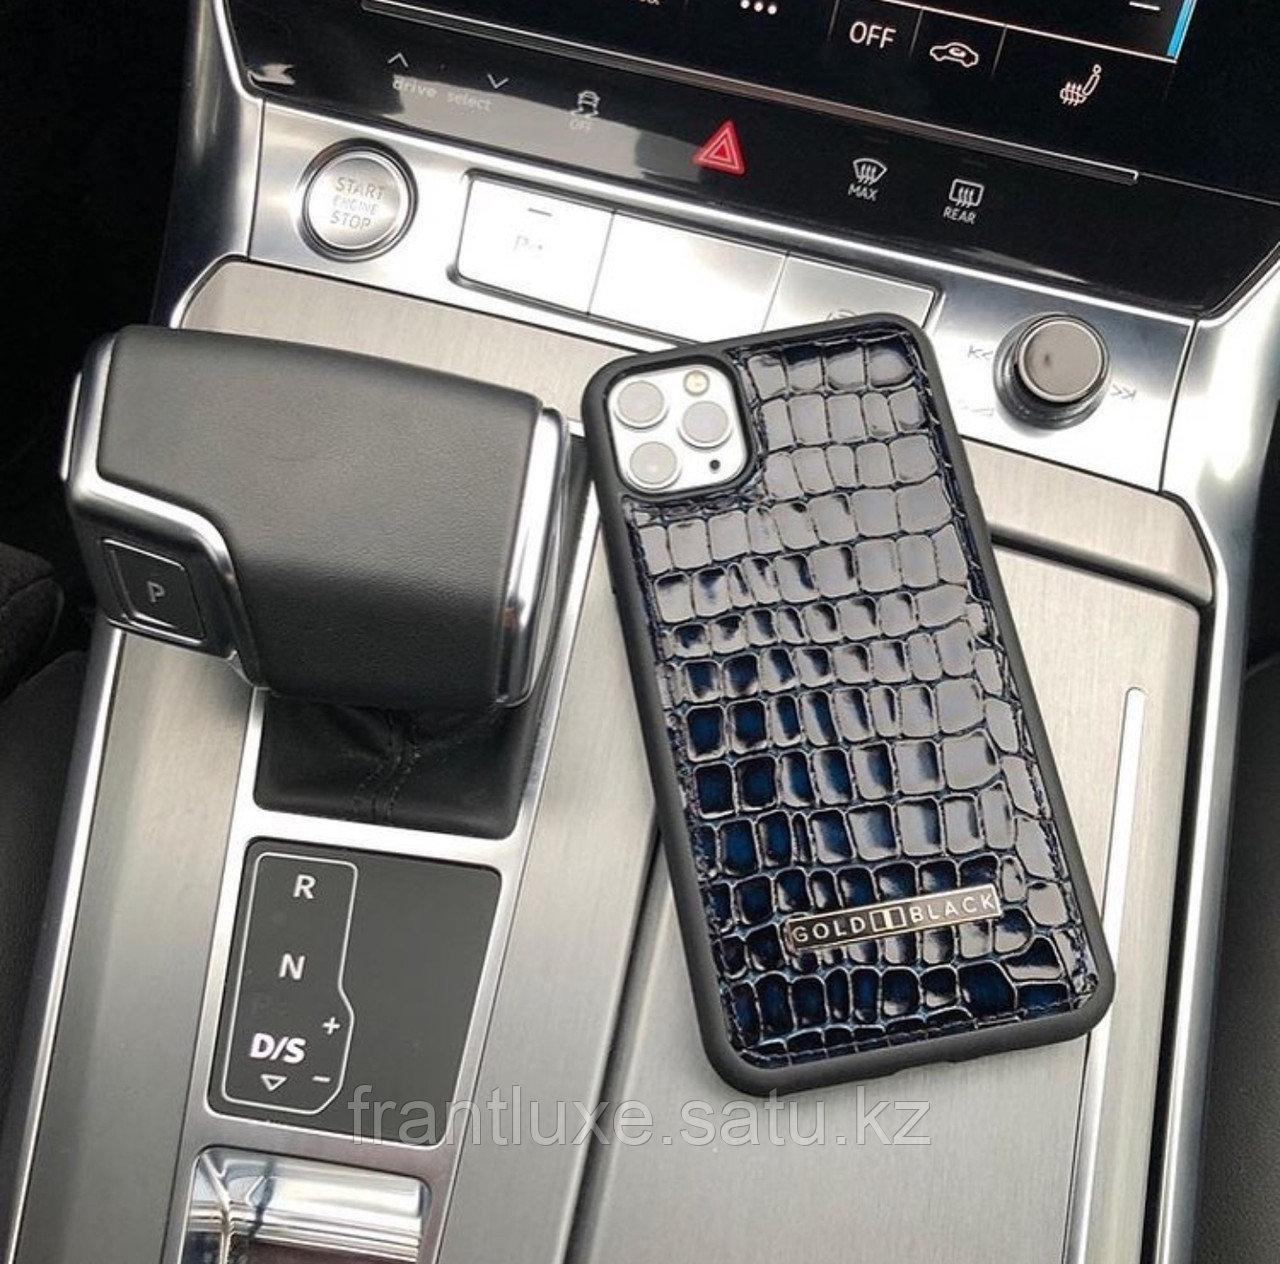 Чехол для телефона iPhone 12/12 Pro синий - фото 7